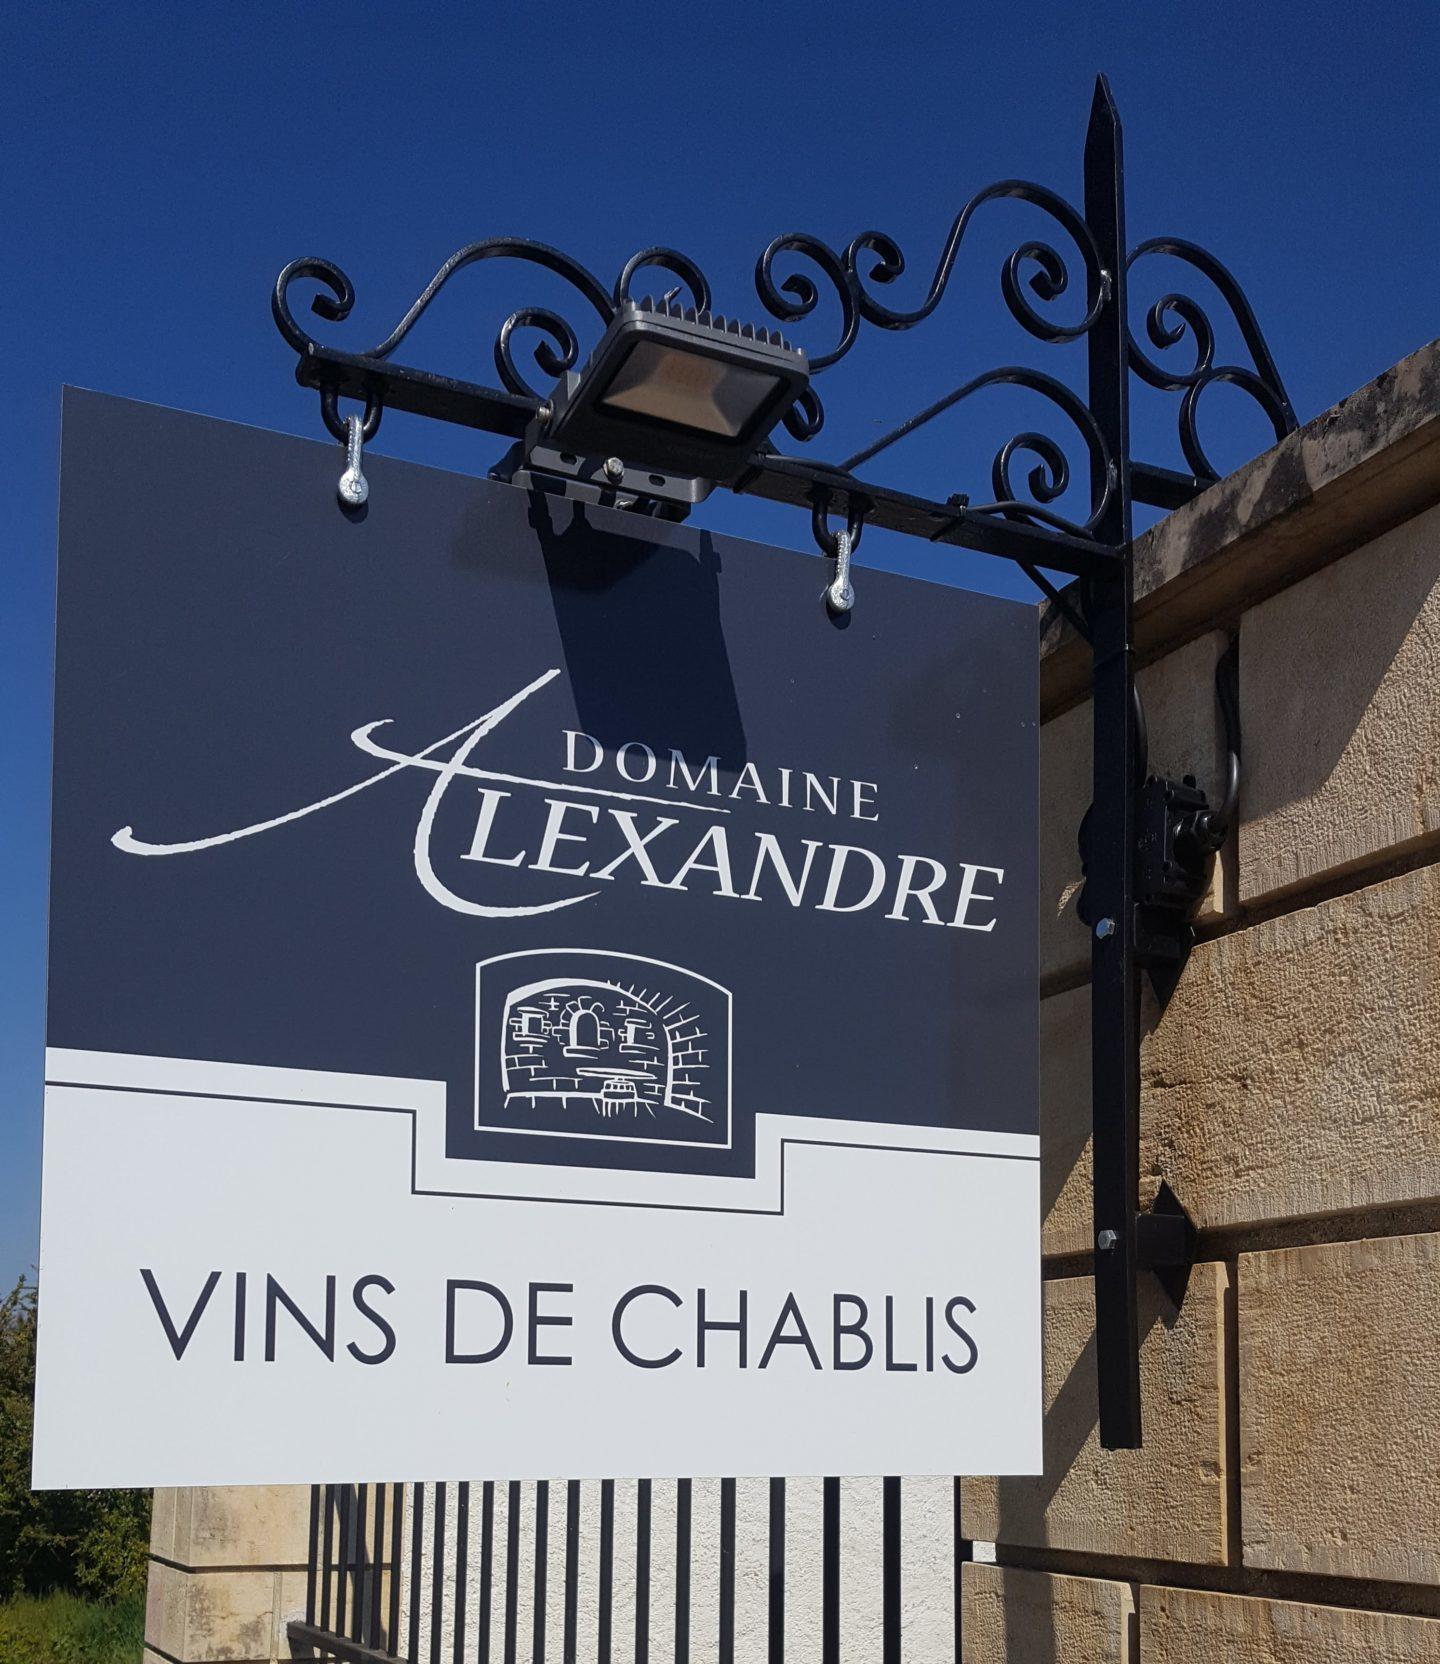 Domaine Alexandre Vins de Chablis